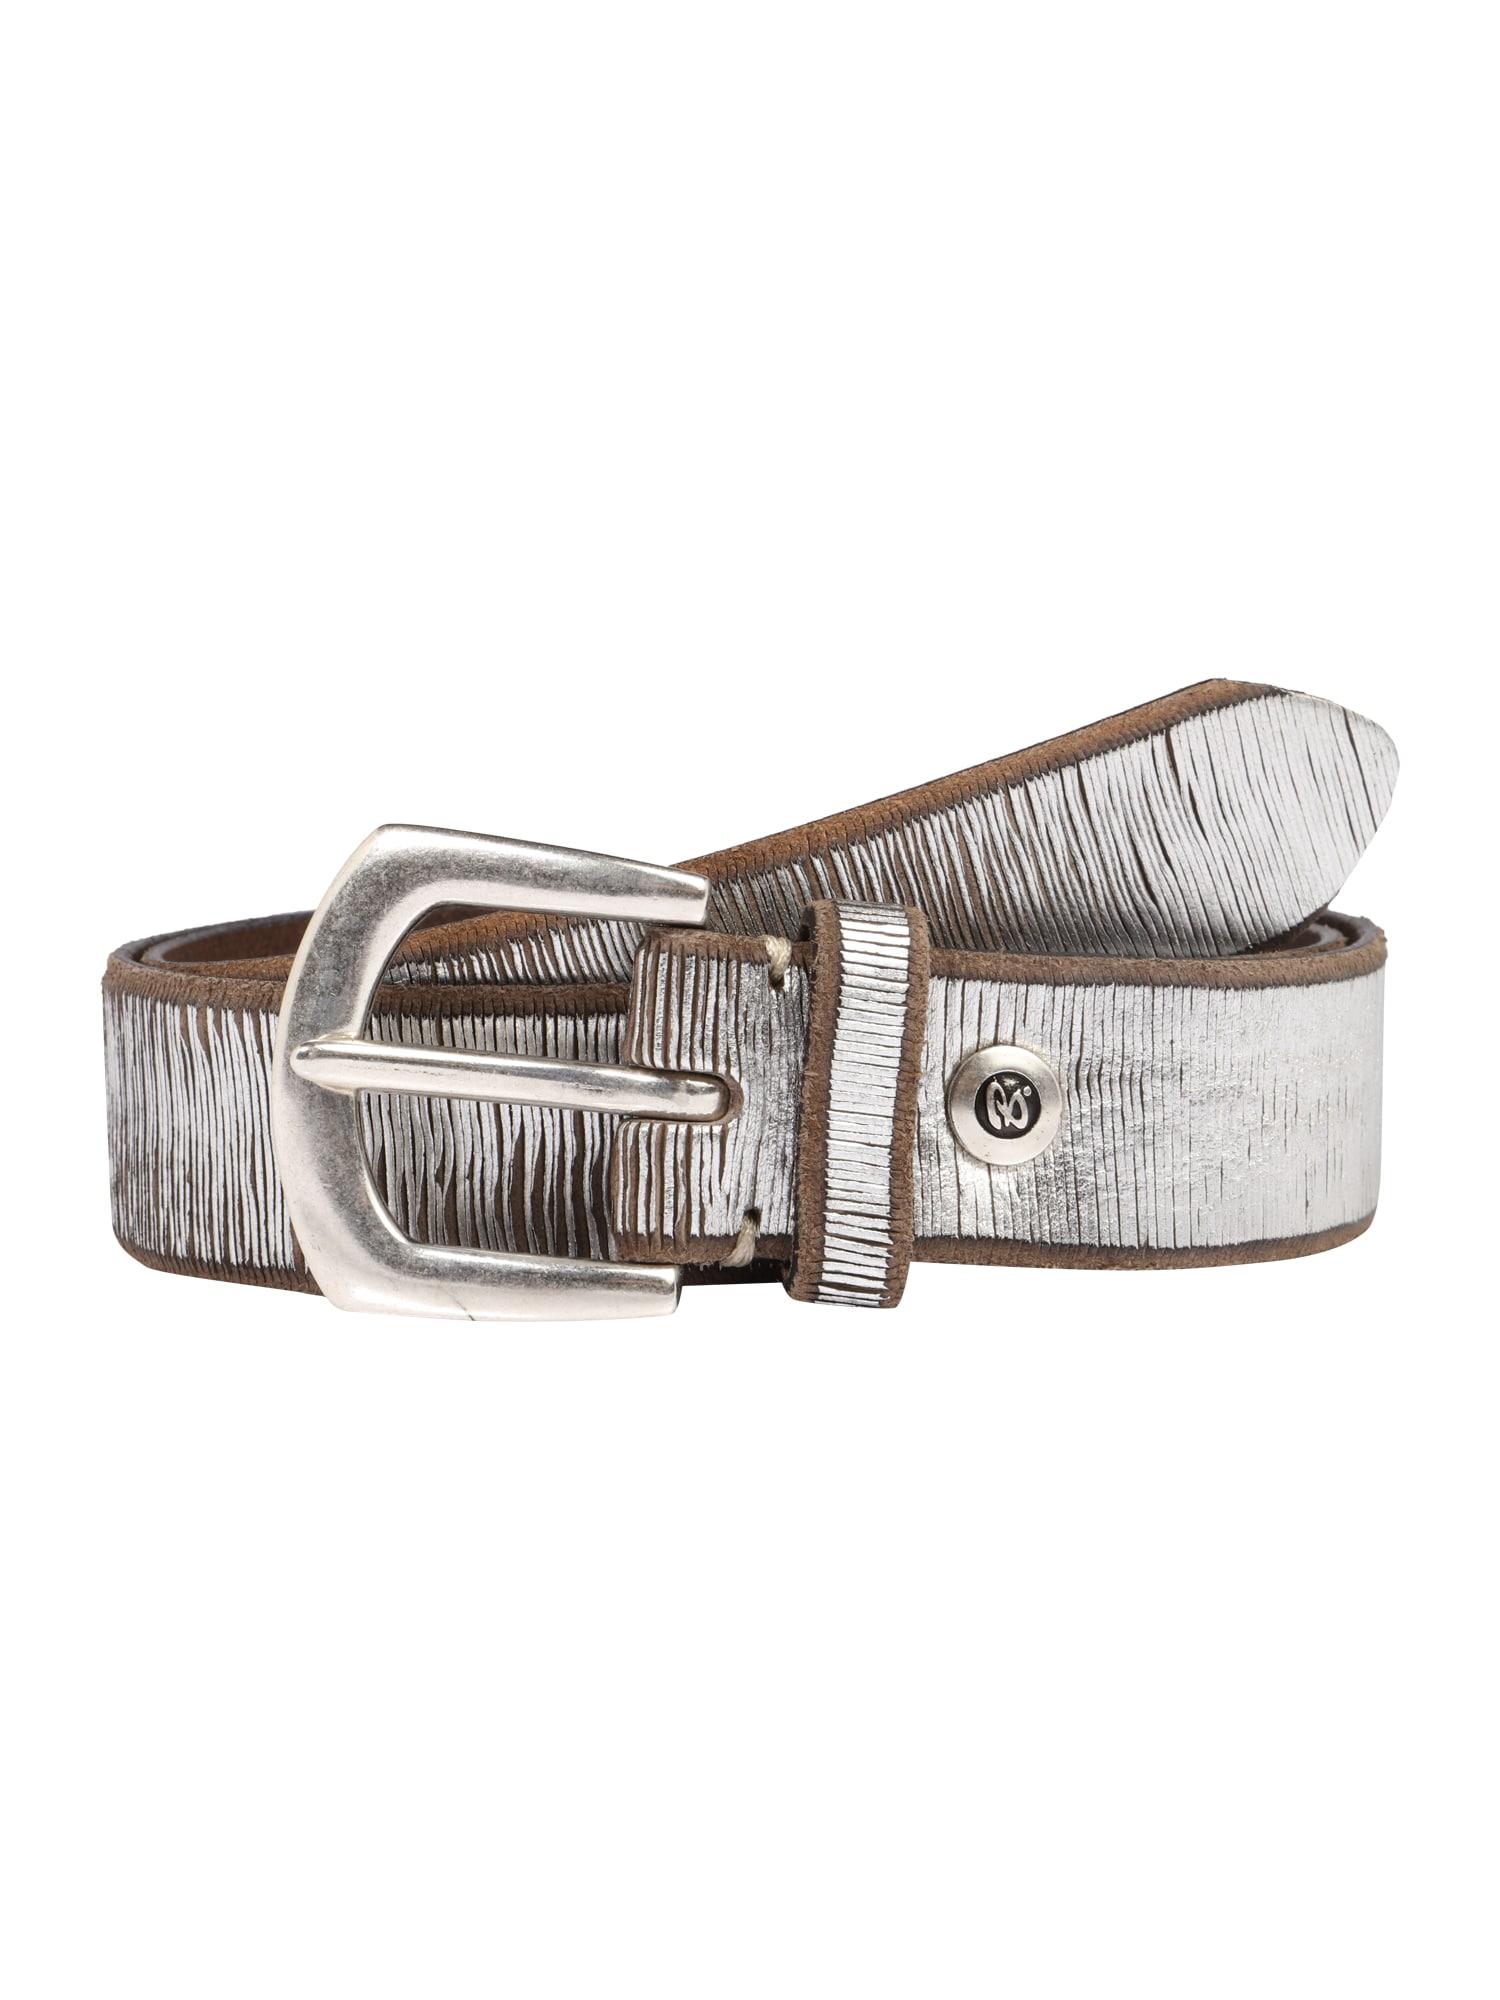 Ledergürtel im Metallic-Look   Accessoires > Gürtel > Ledergürtel   Braun - Silber   B.belt Handmade In Germany